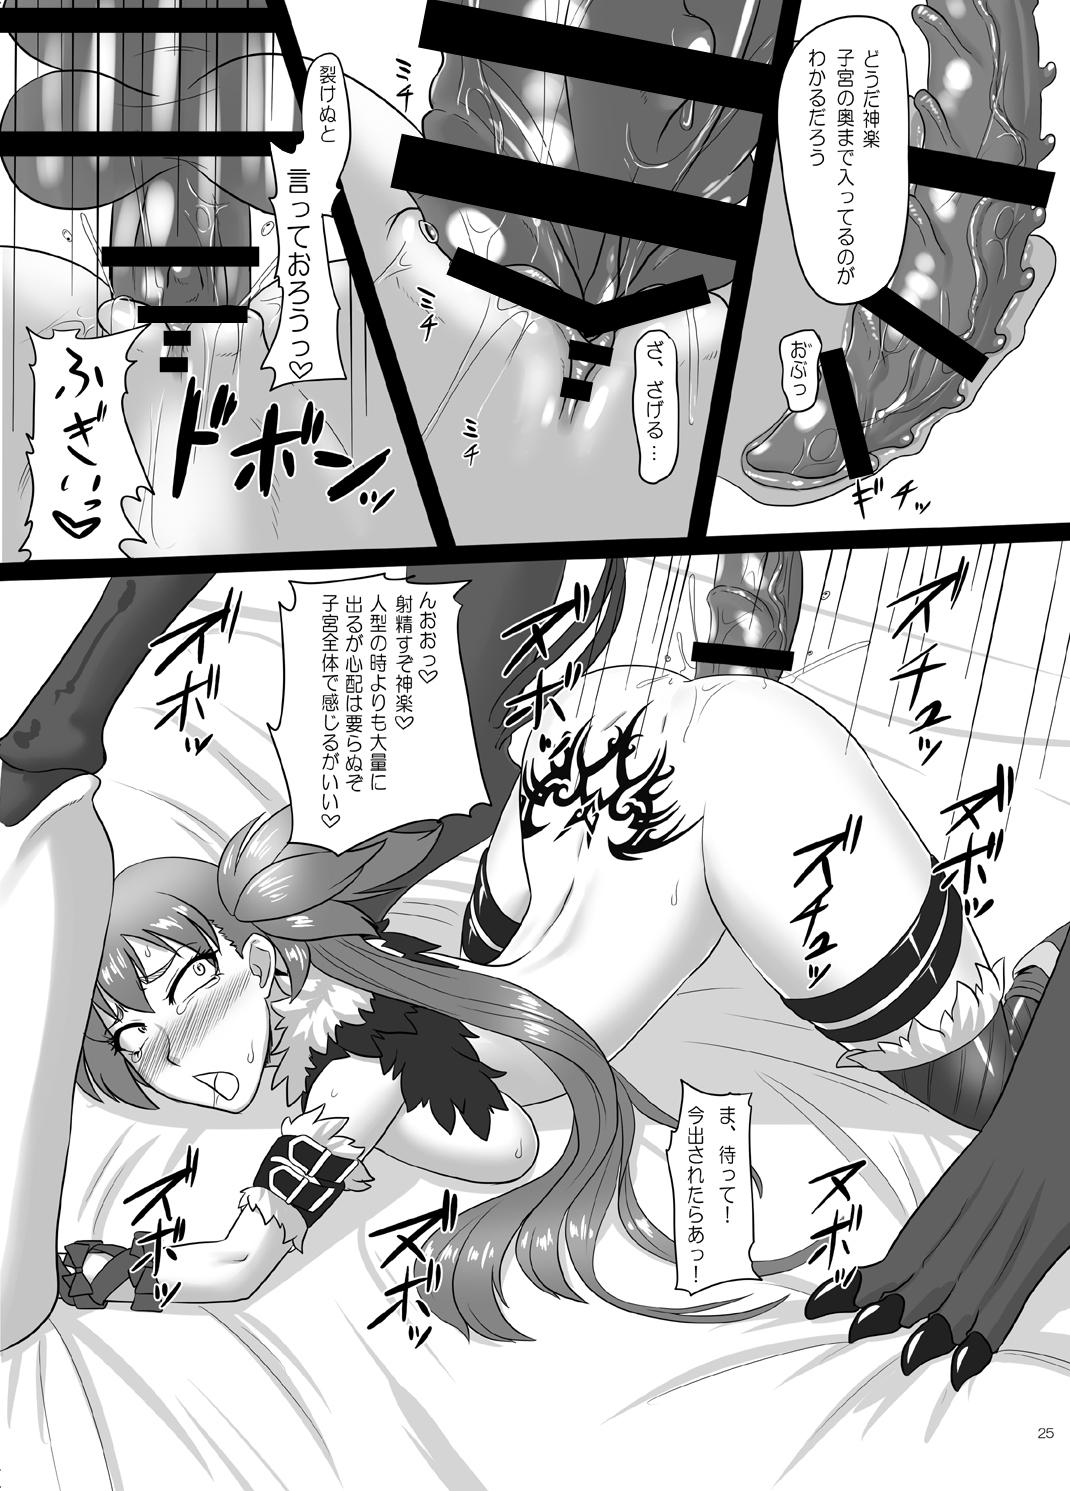 RenZetsu no Shimai 3 24